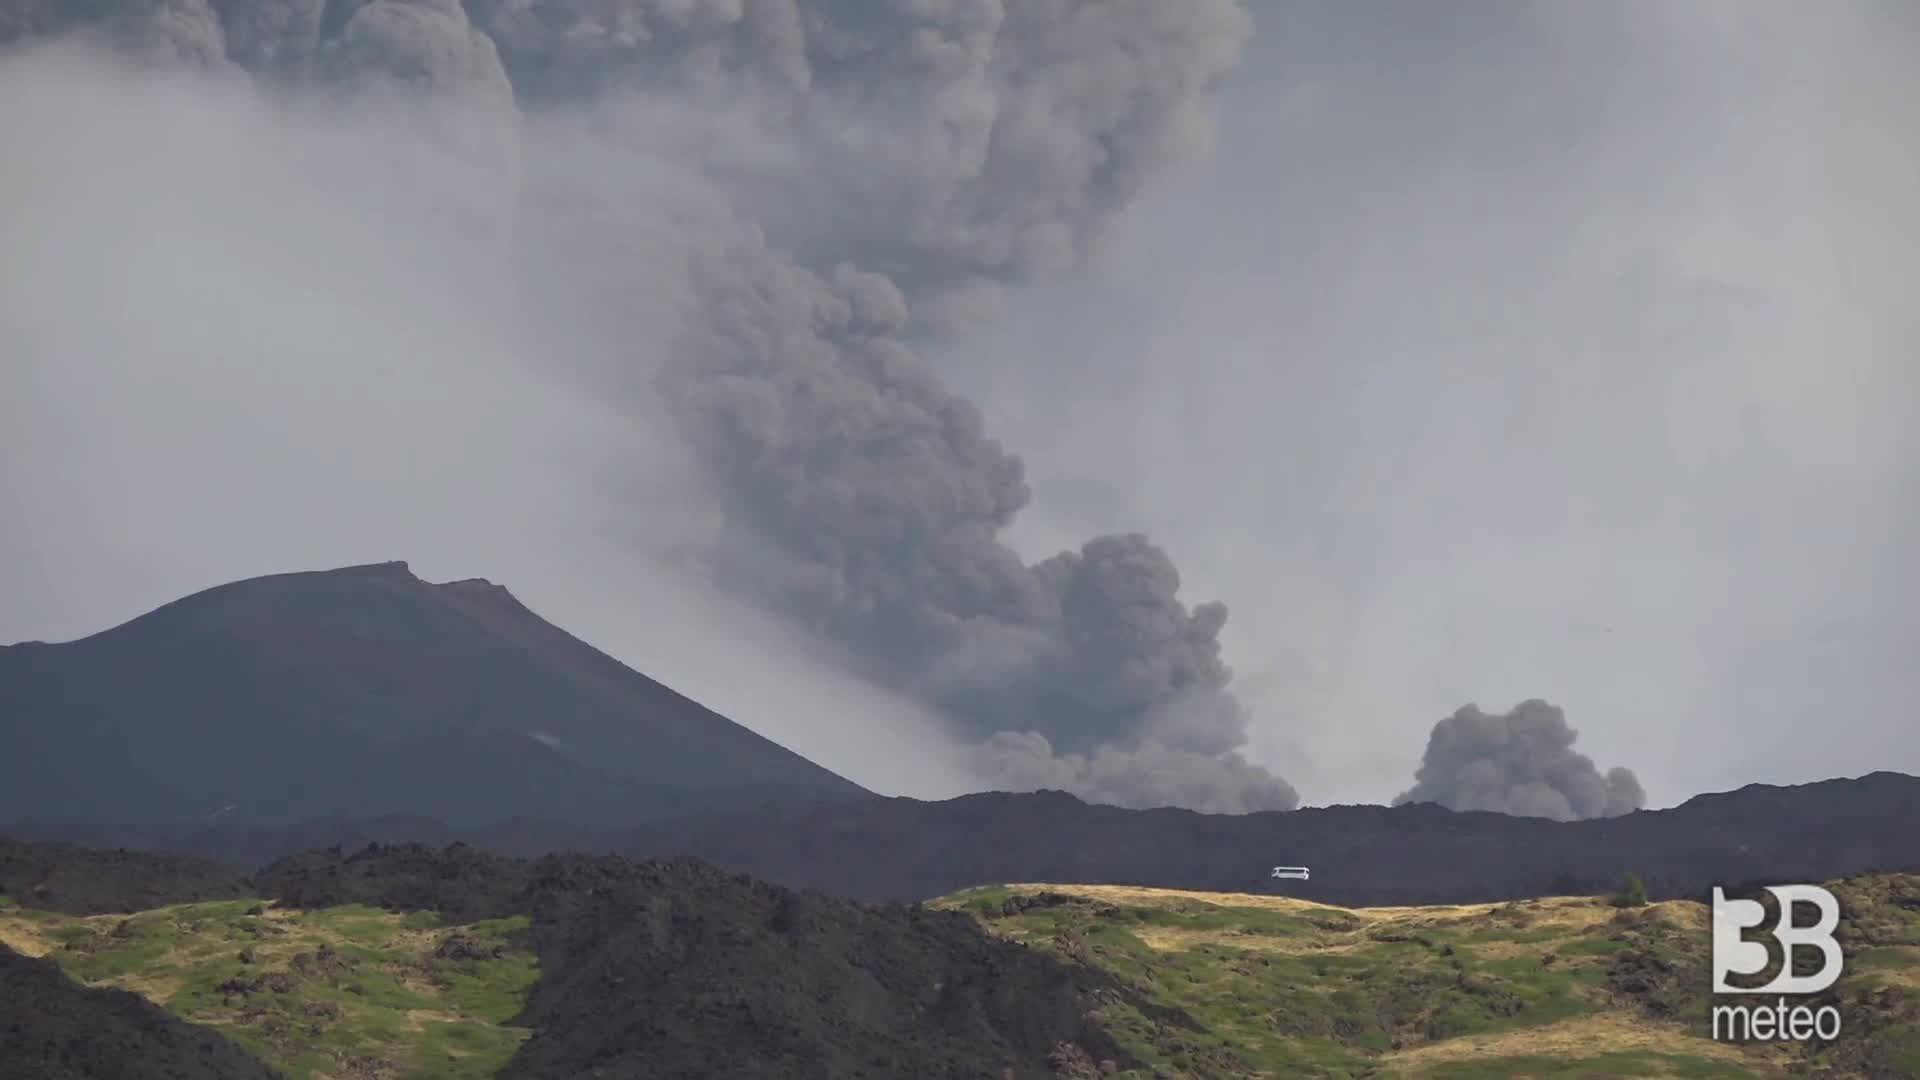 Etna, flusso piroclastico: il fenomeno alle 10.49